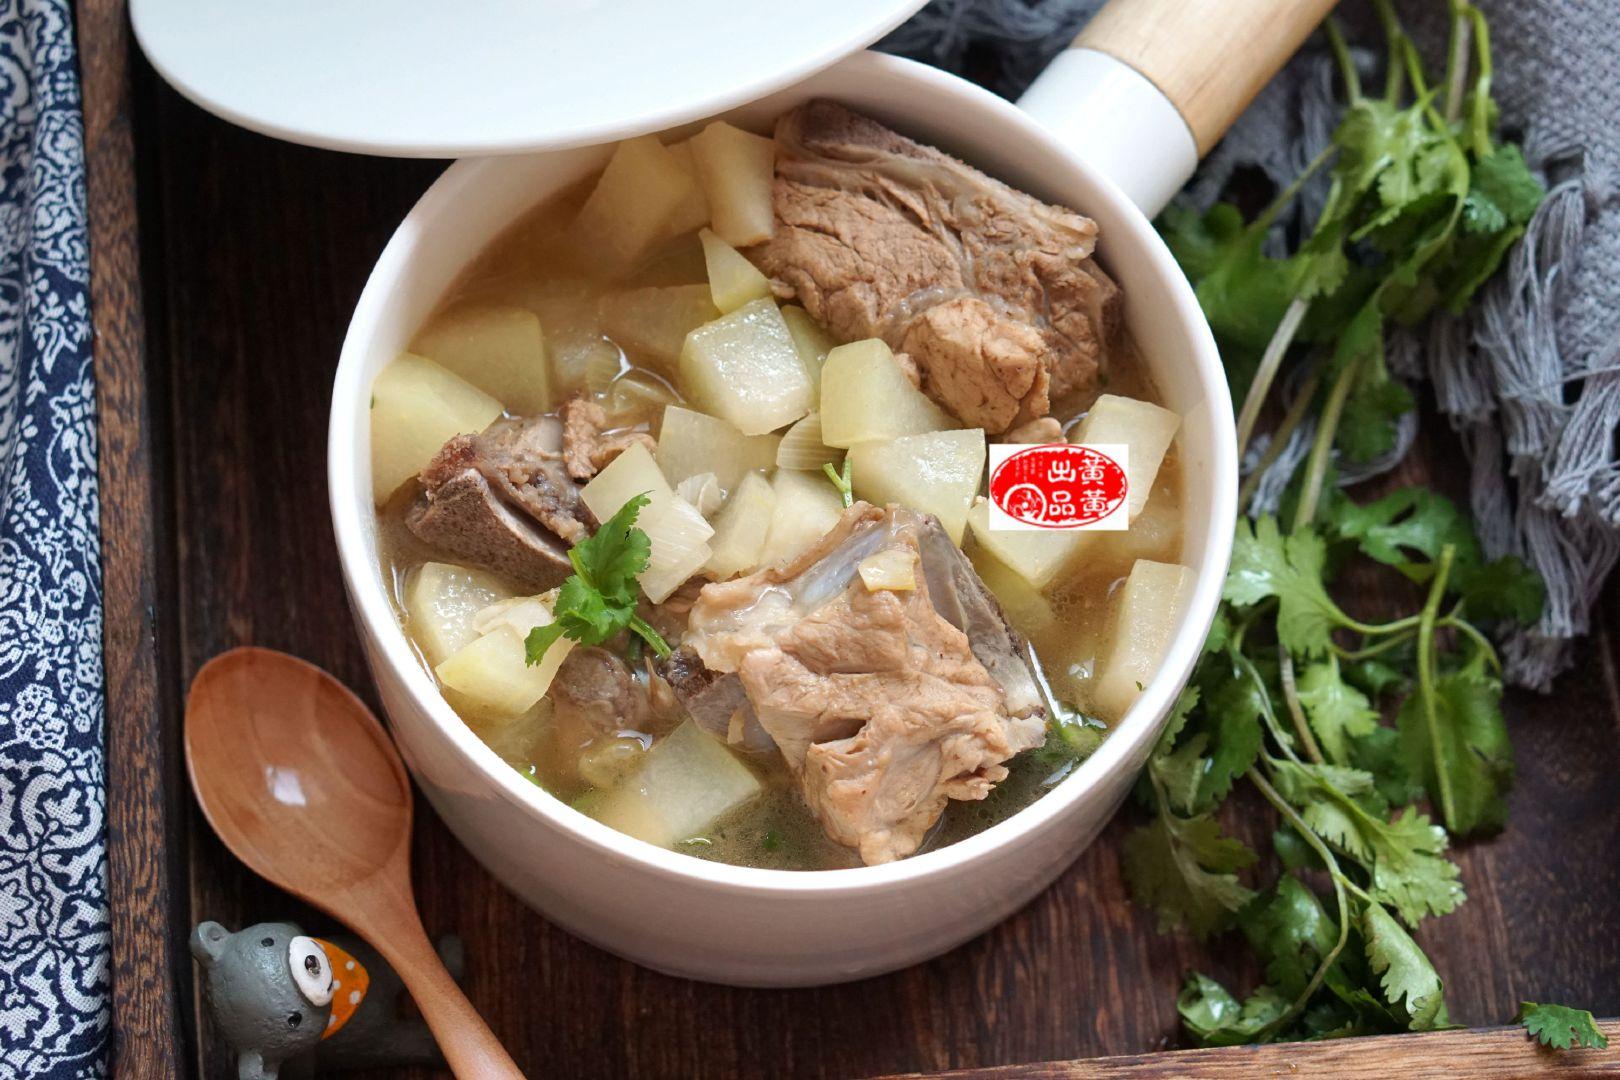 它比排骨便宜,营养却很高,这个汤,清热又补钙,给孩子喝好